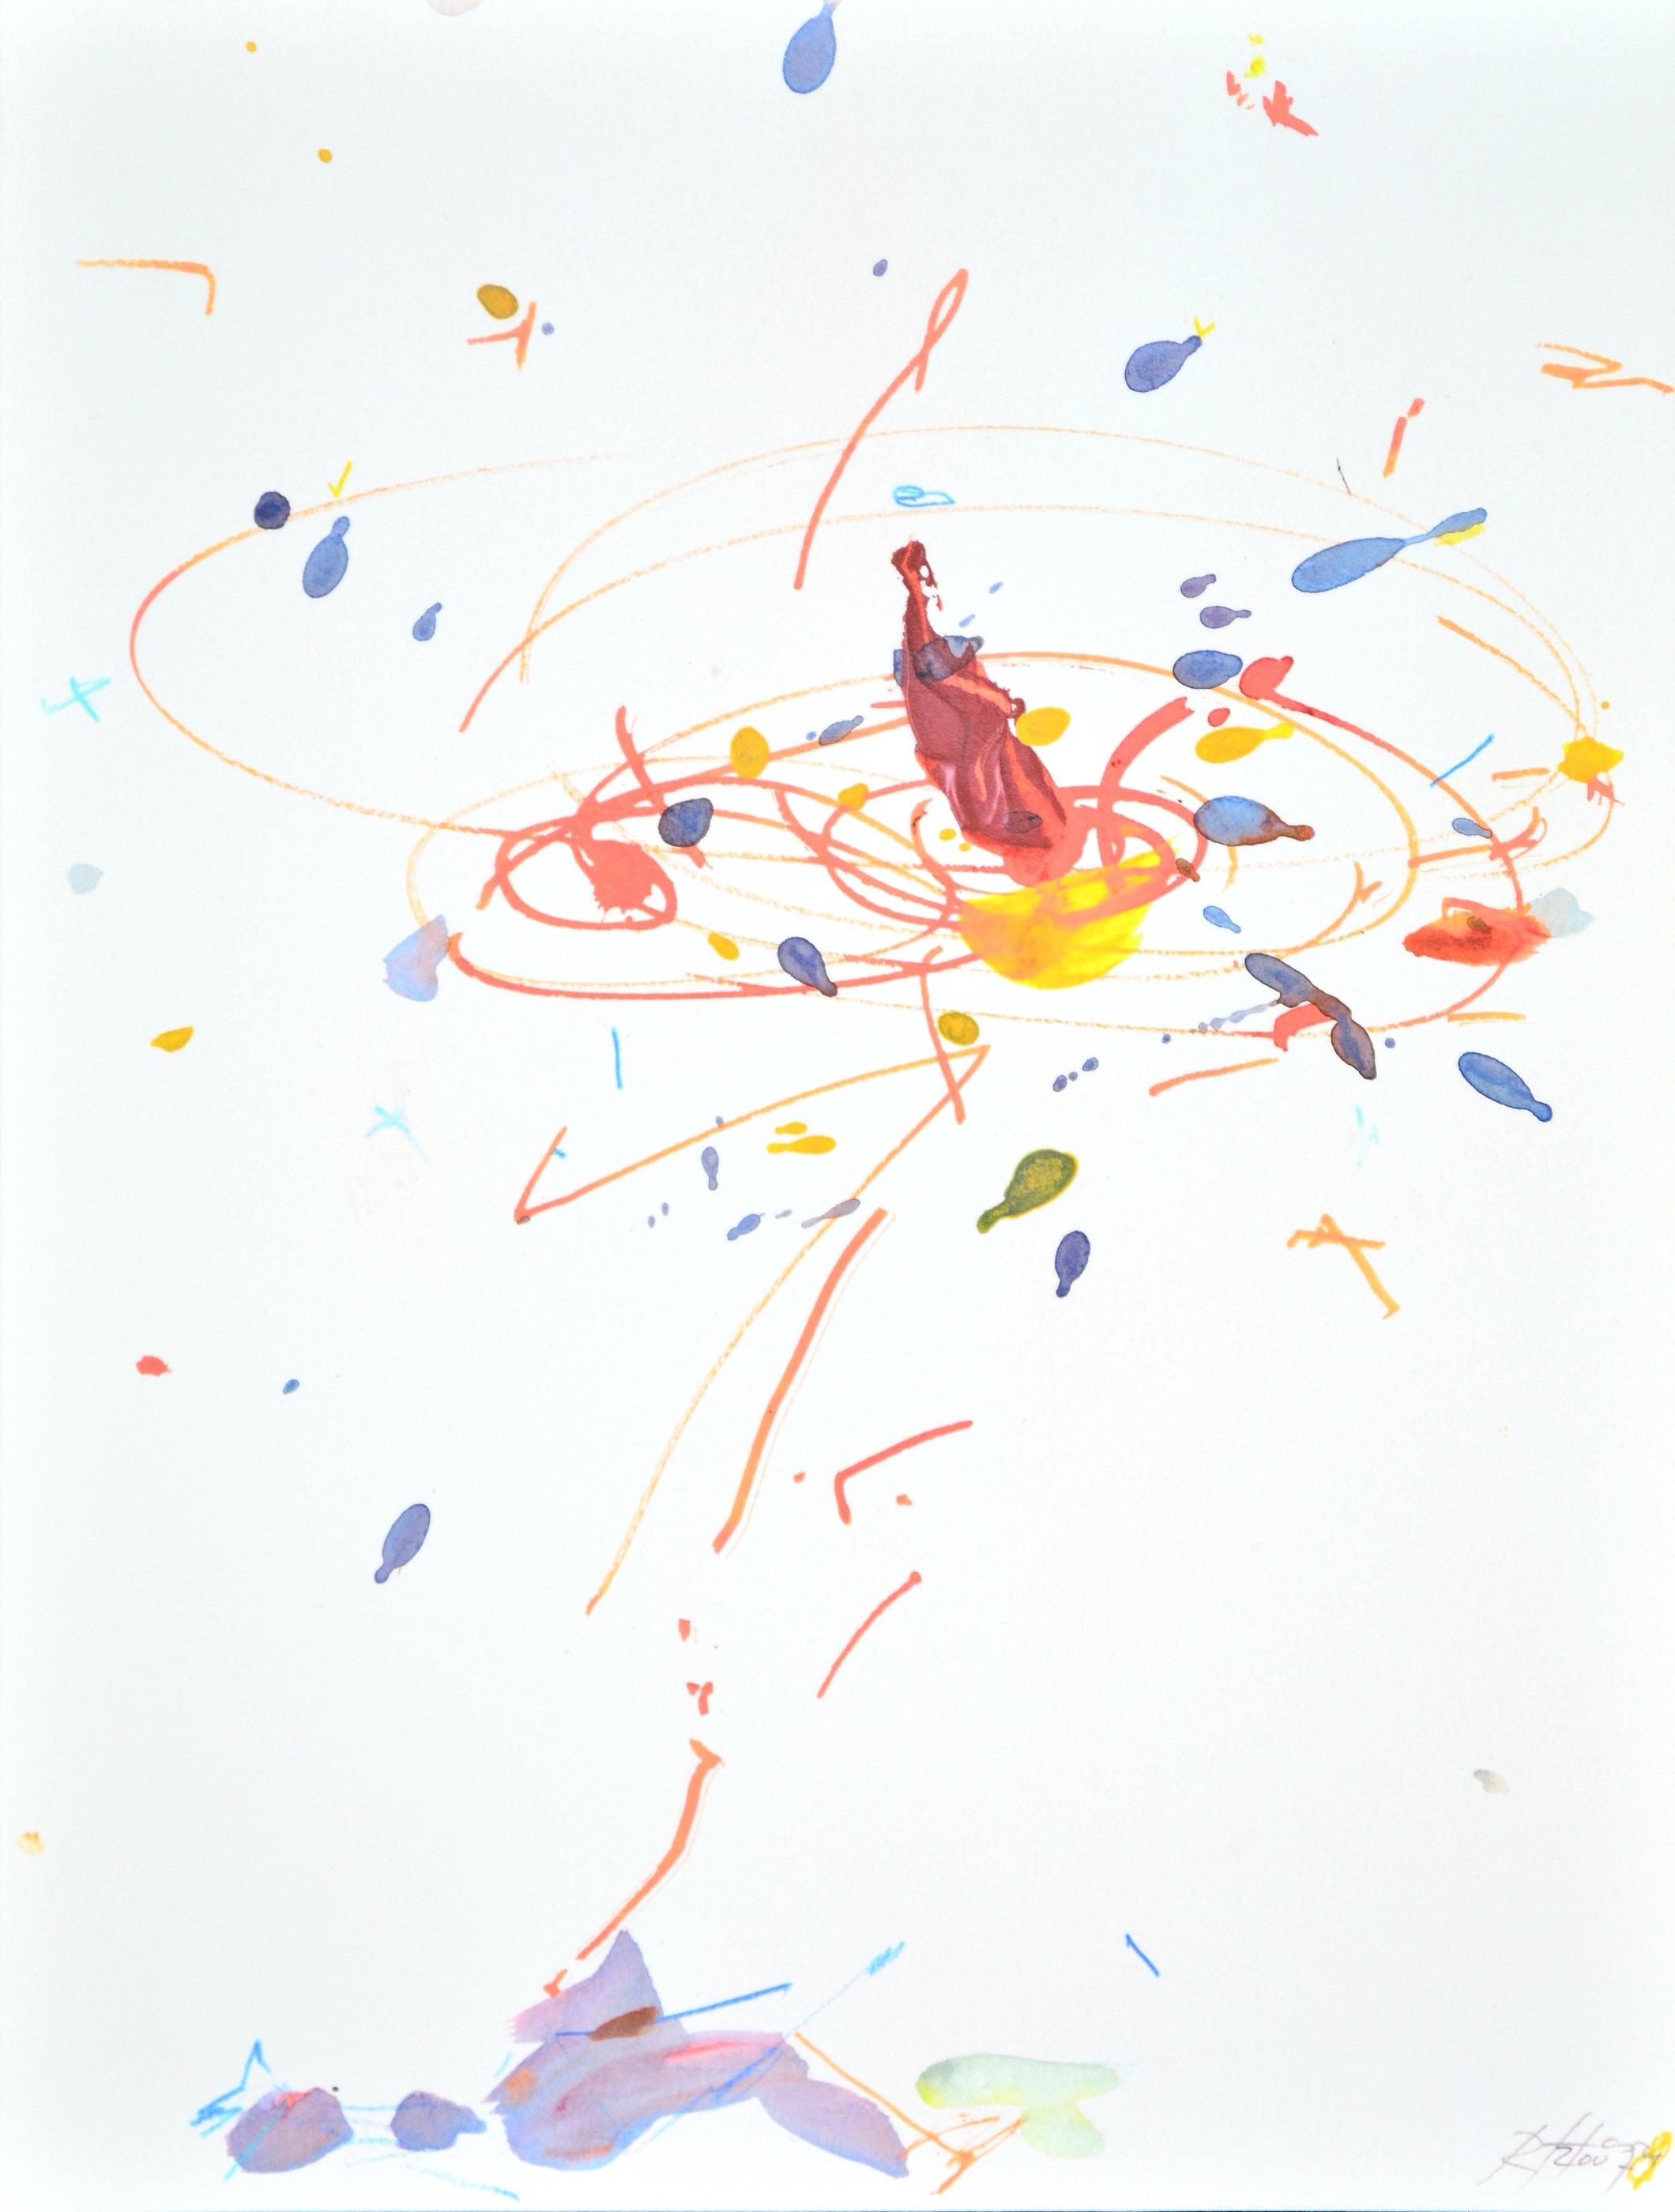 Rebecca Horn kaufen - Originale und Kunst kaufen | ARTEDIO